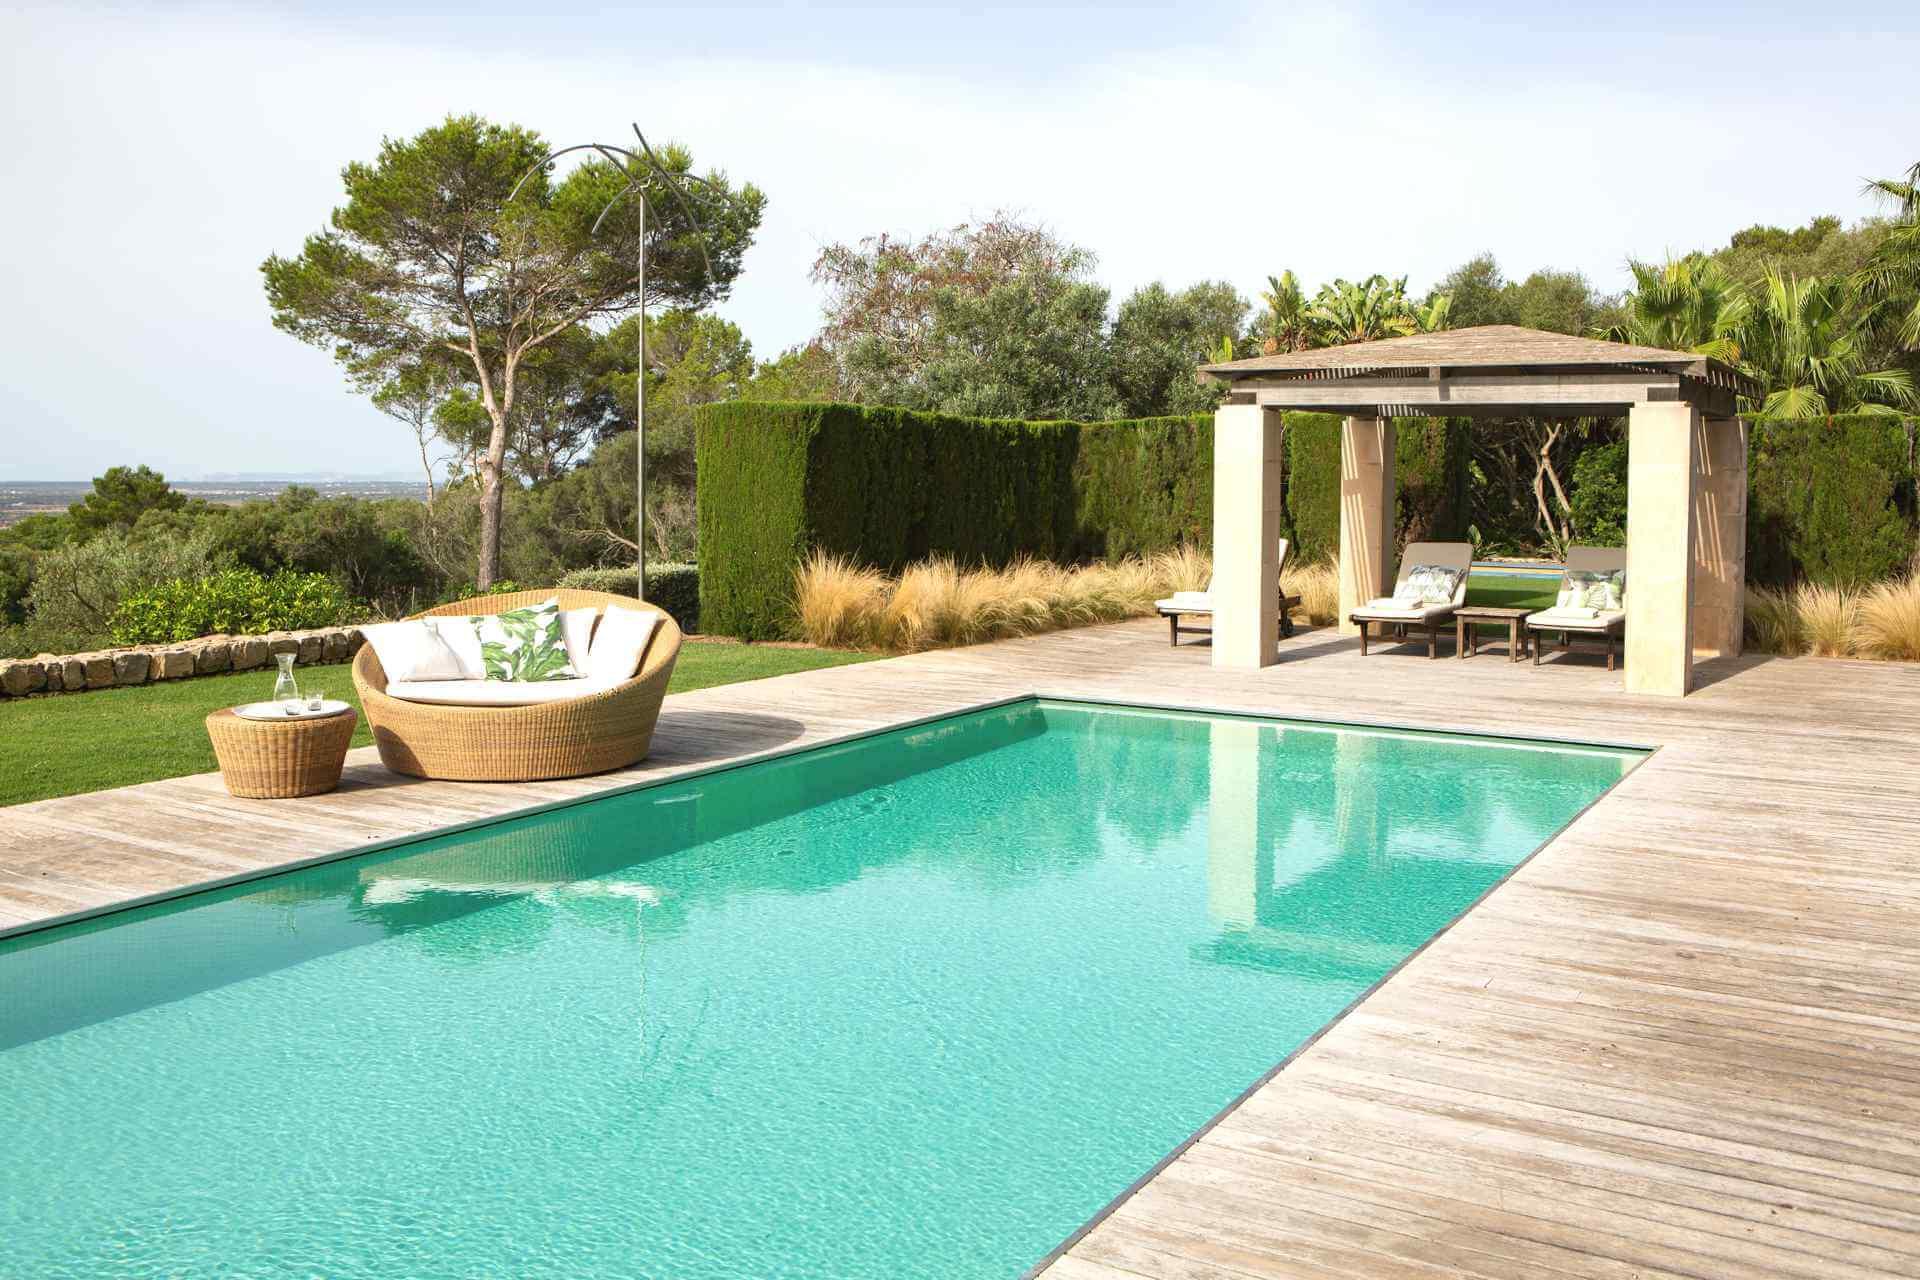 01-07 Exklusive Villa Mallorca Süden Bild 7